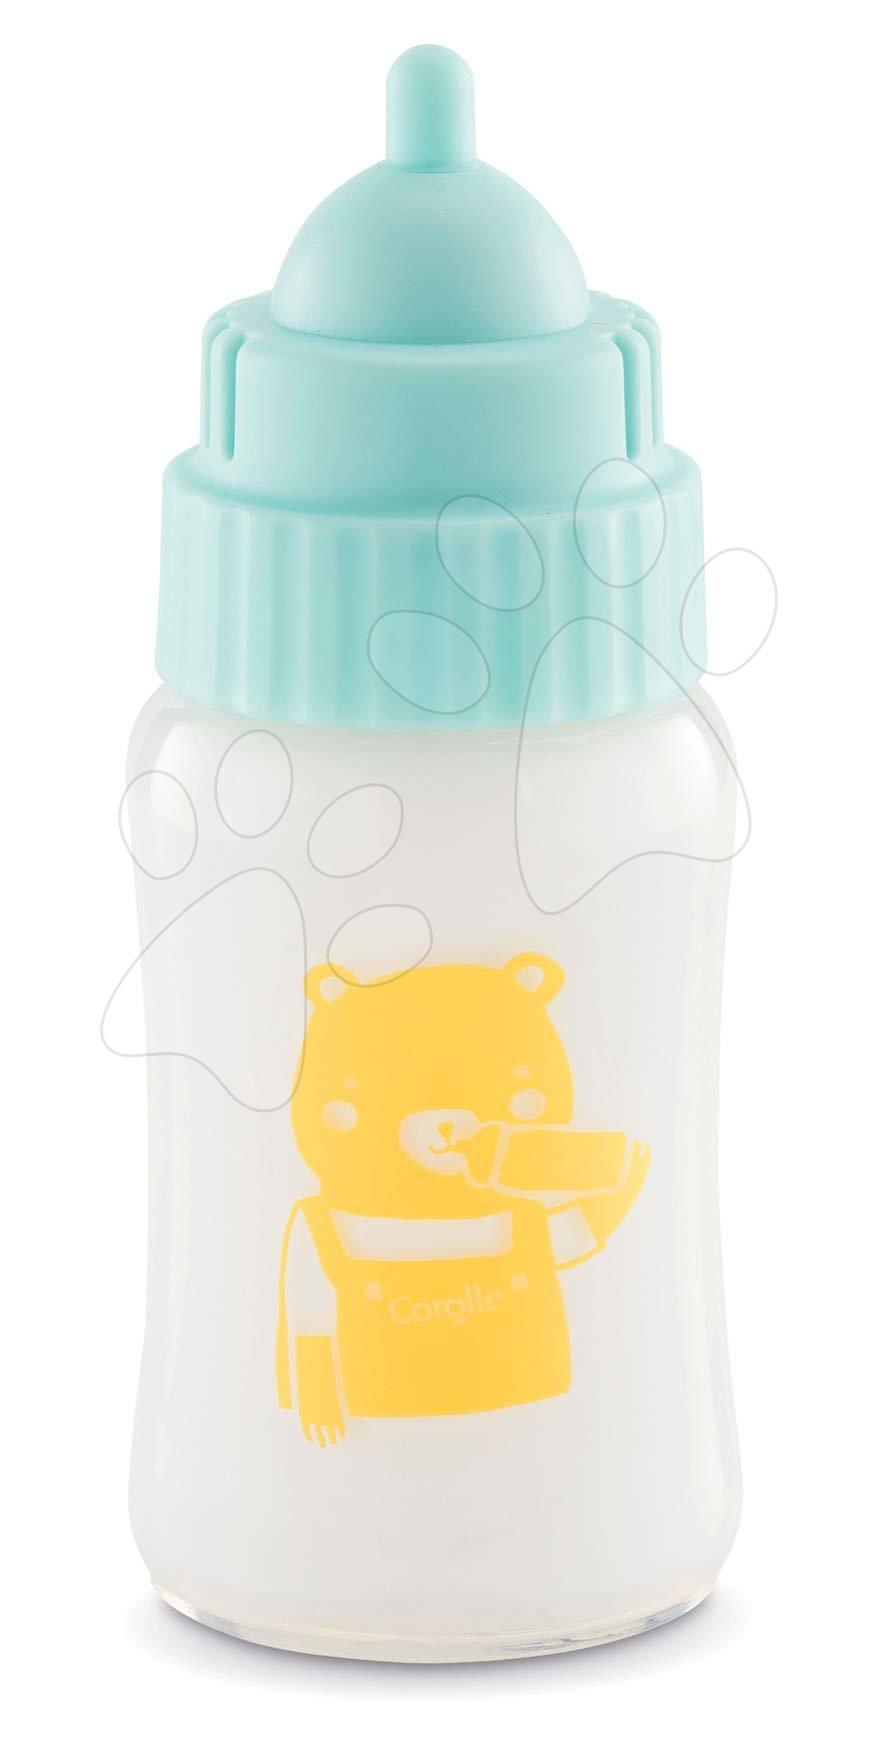 Accesorii pentru păpuși - Sticlă cu lapte și sunete Milk Bottle with Sound Mon Grand Poupon Corolle pentru păpușă de 36-42 cm de la 3 ani